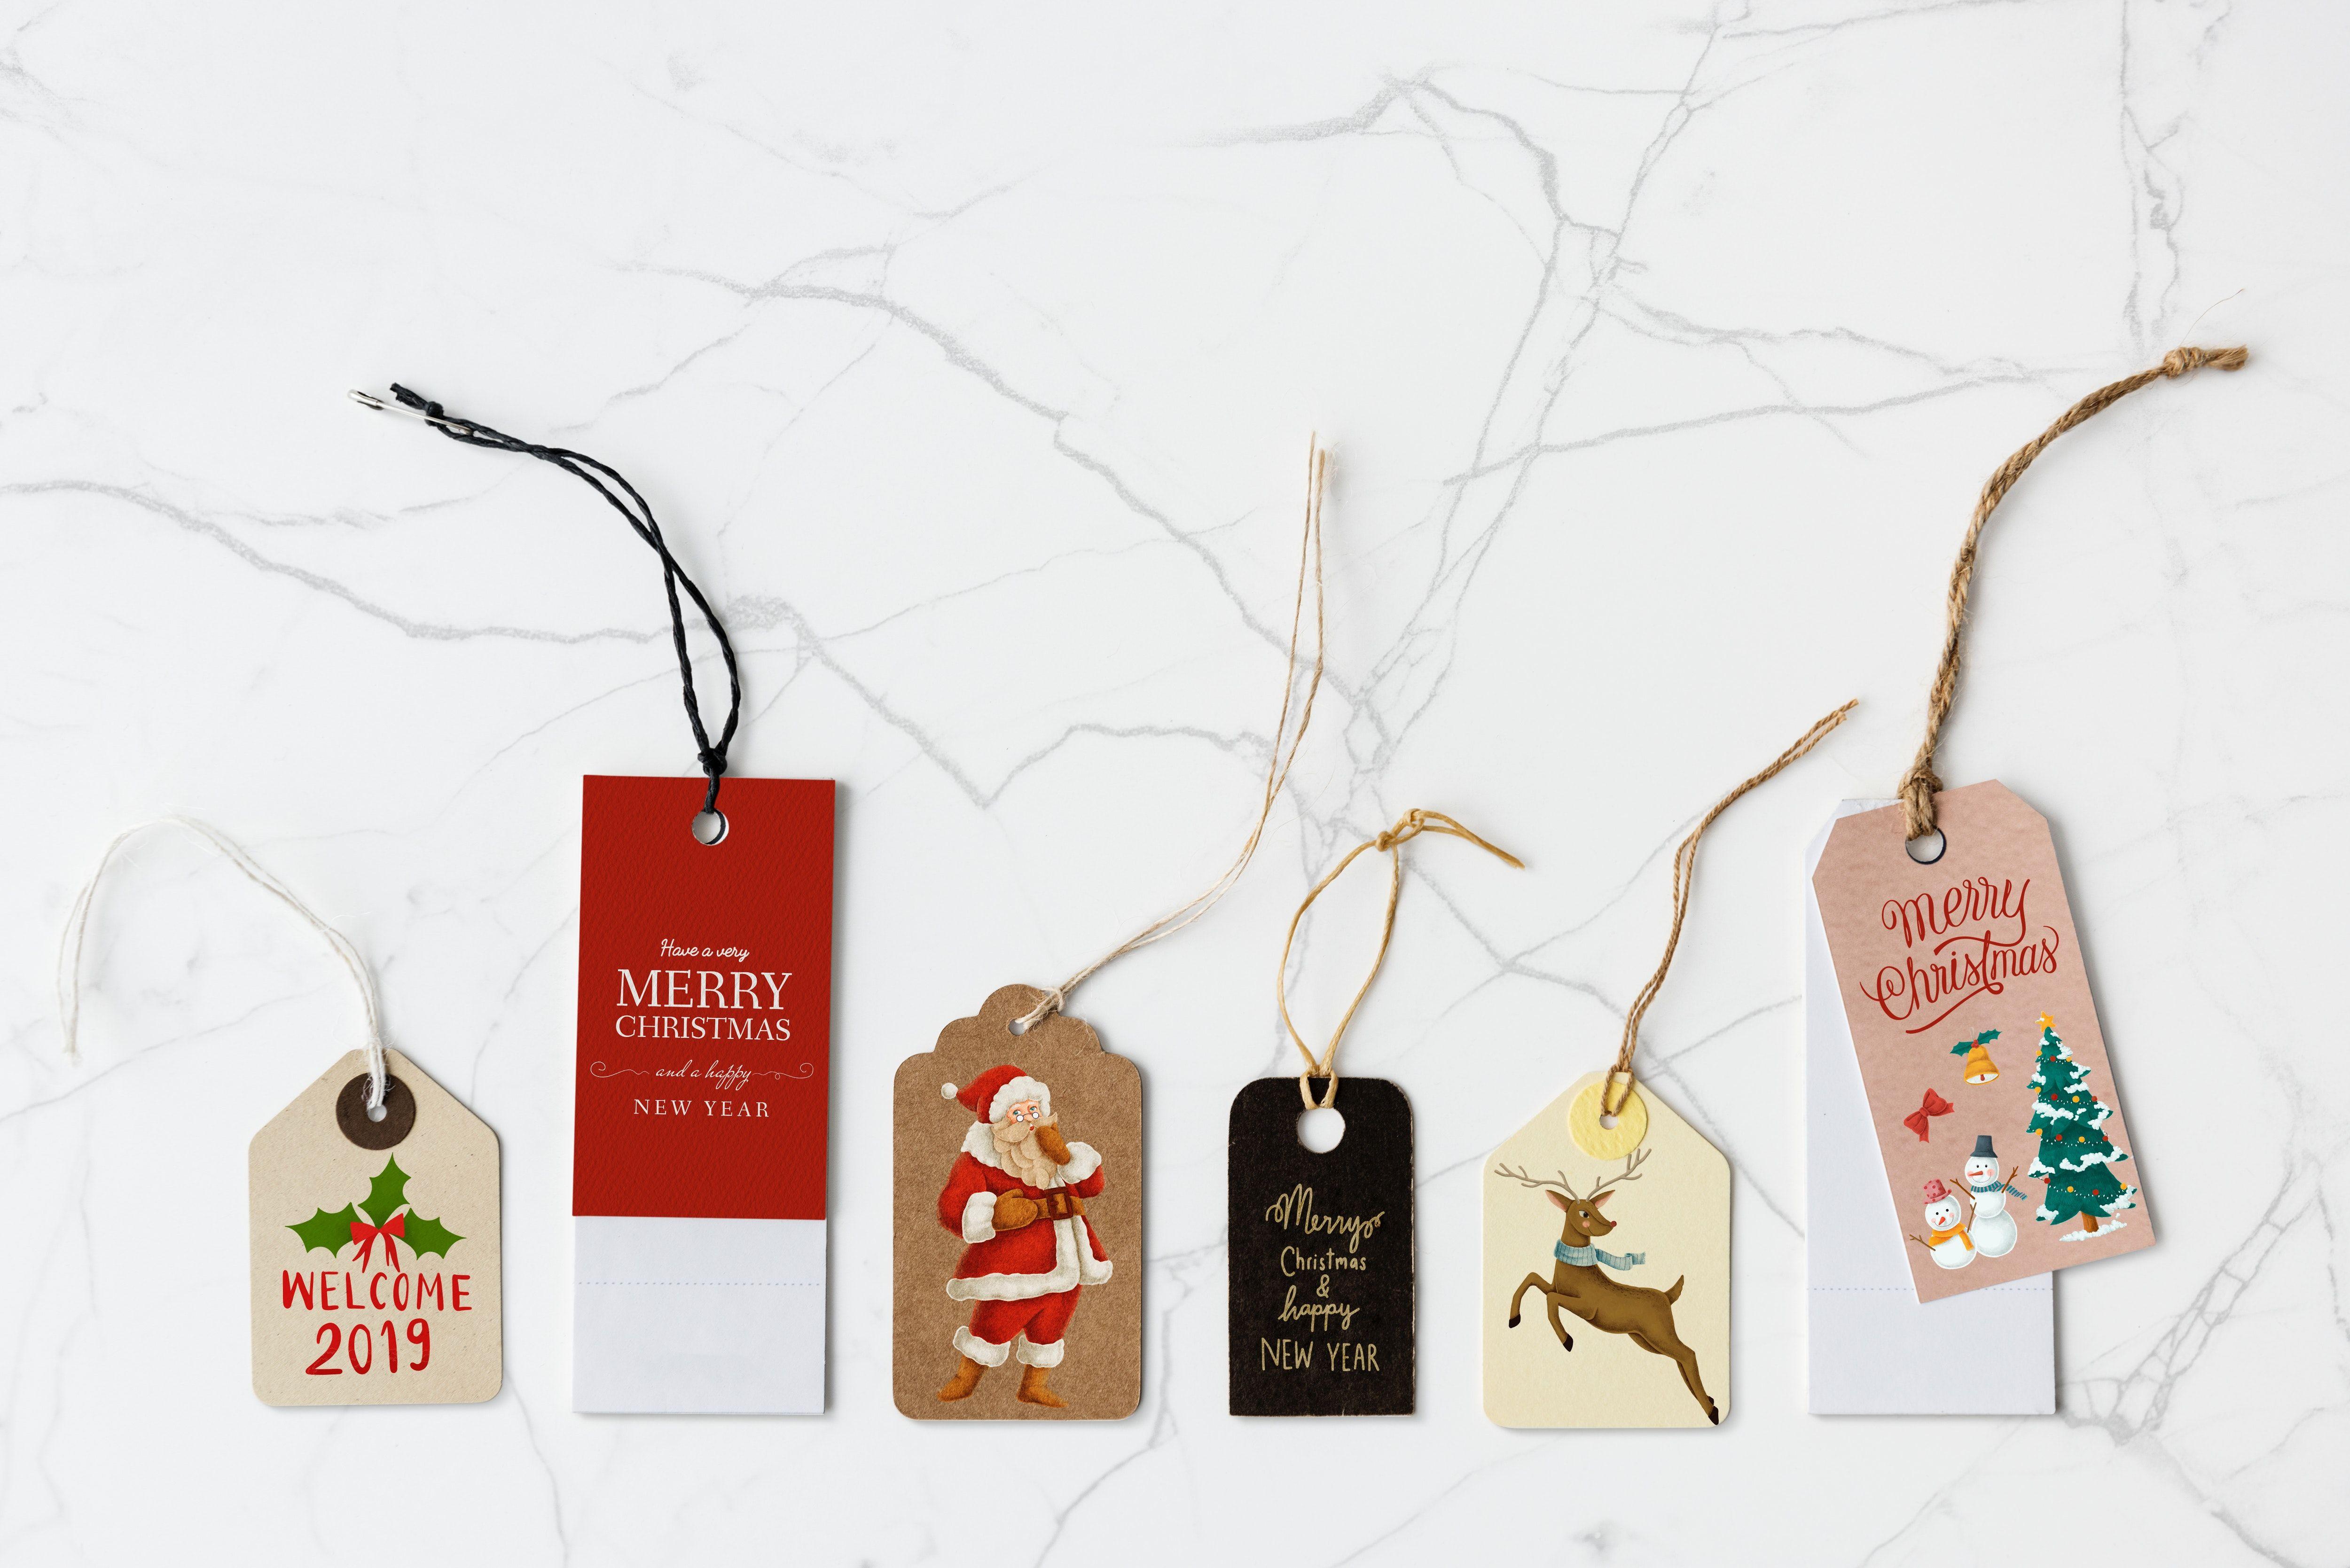 7 Unique Client Christmas Gift Ideas